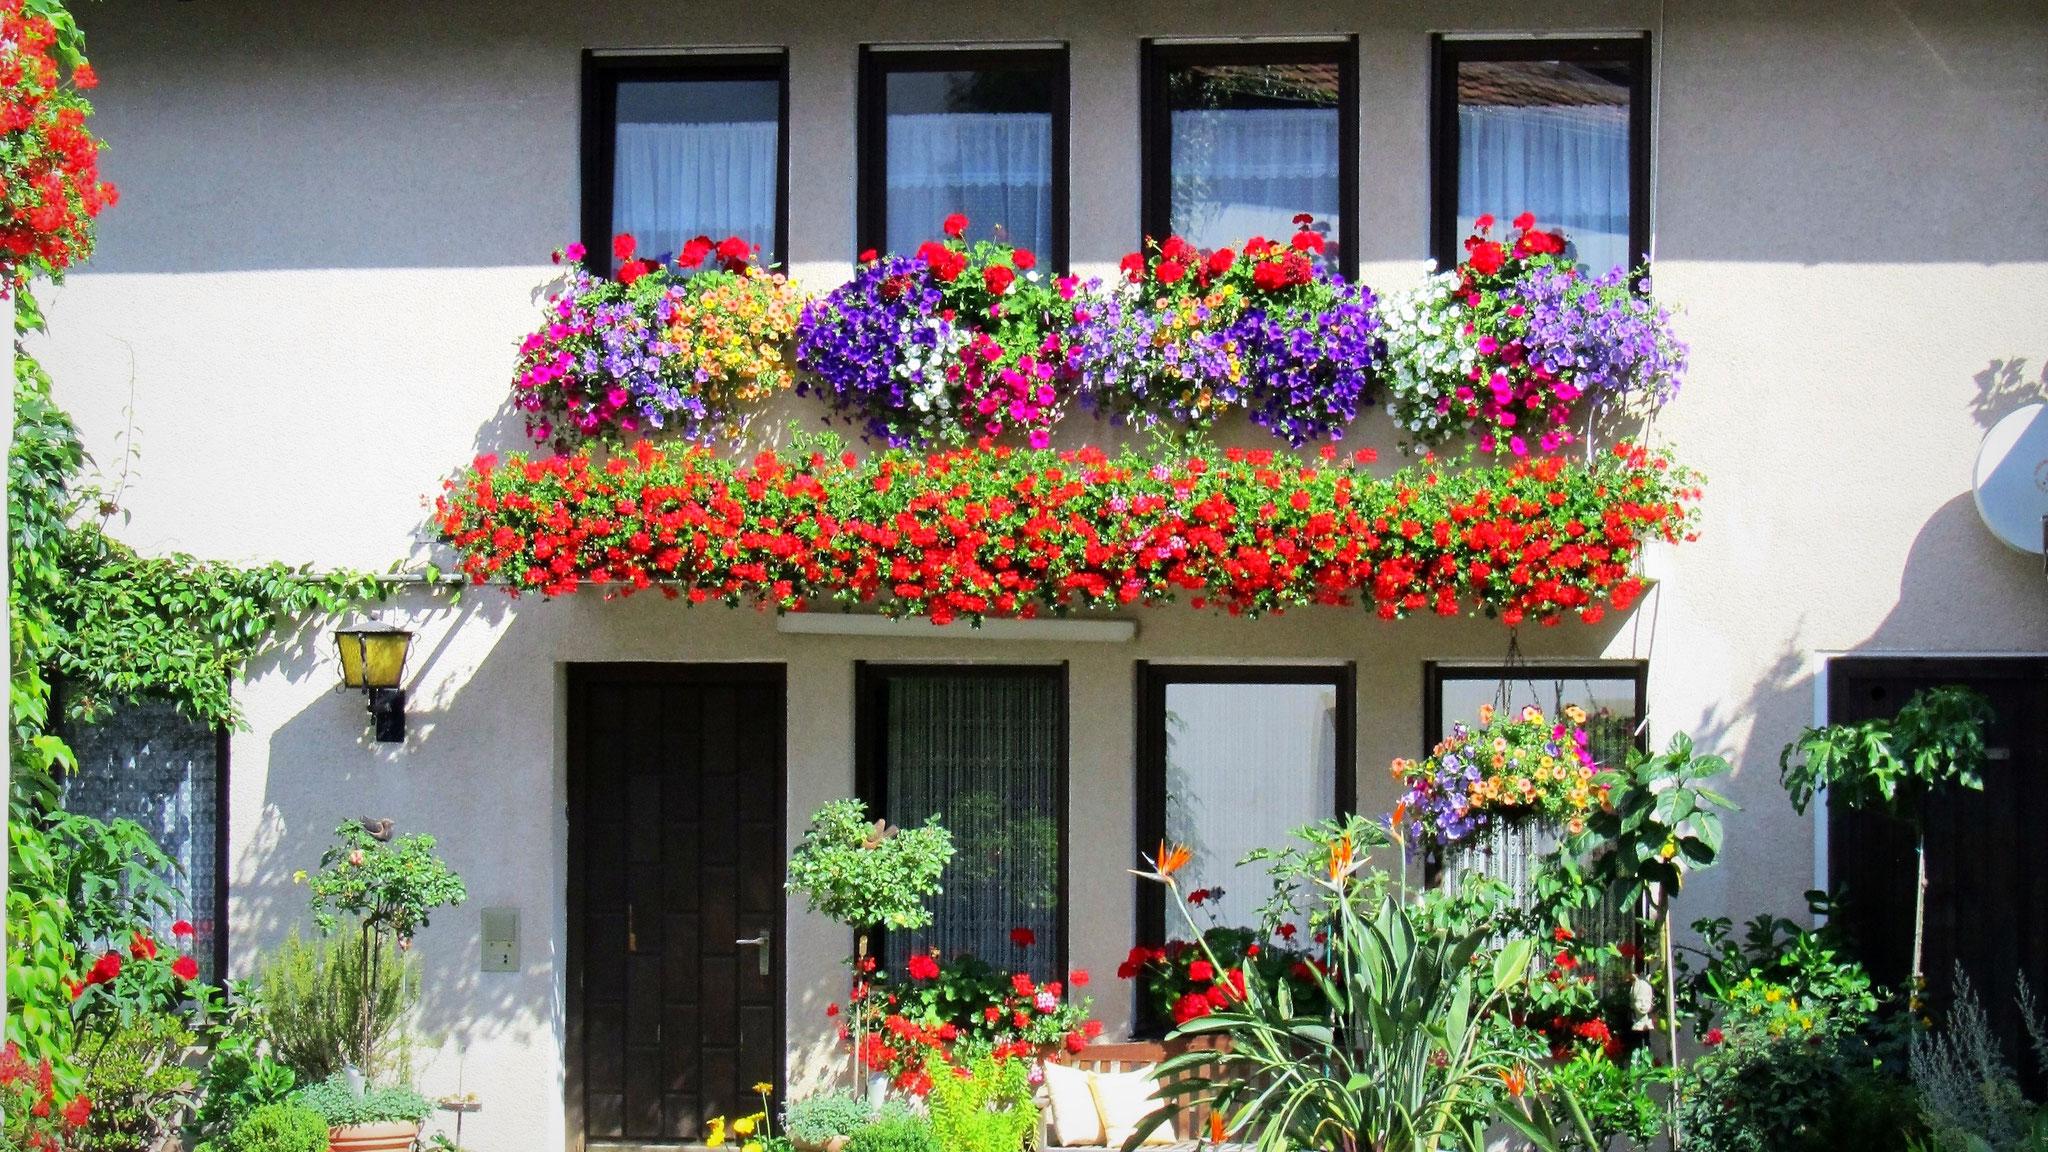 Das Gästehaus vom Landgasthof Bieger in der Fränkischen Schweiz, 2 km von Ebermannstadt.